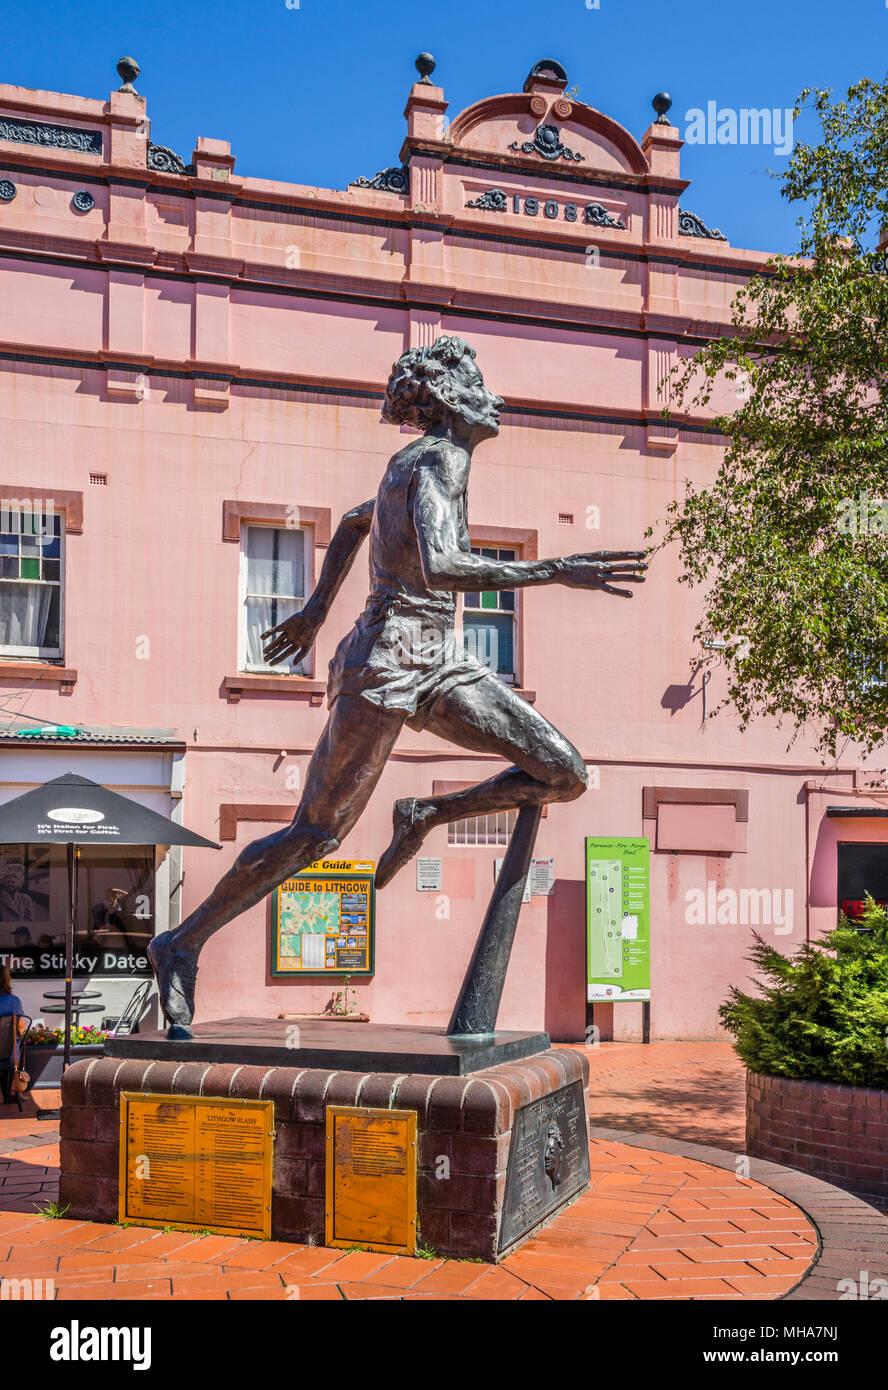 """Memorial a campione atleta Marjorie Jackson-Nelson, soprannominato il """"Flash Lithgow' dallo scultore Antonio Symons, Lithgow, Nuovo Galles del Sud, Australi Immagini Stock"""